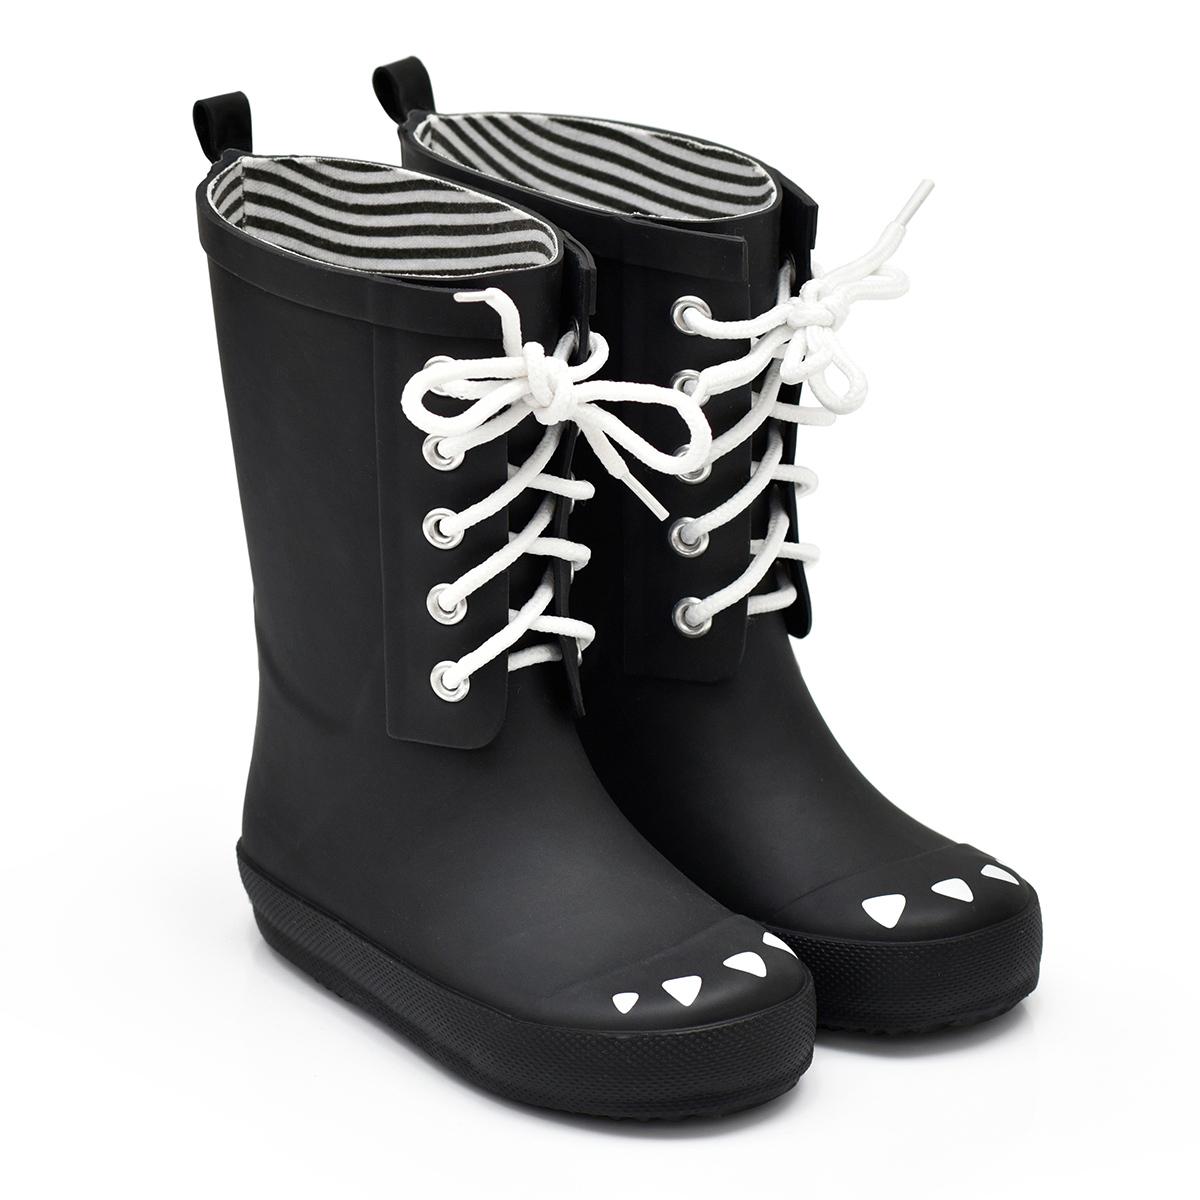 Chaussons & Chaussures Bottes Kerran Noir - 20 Bottes Kerran Noir - 20